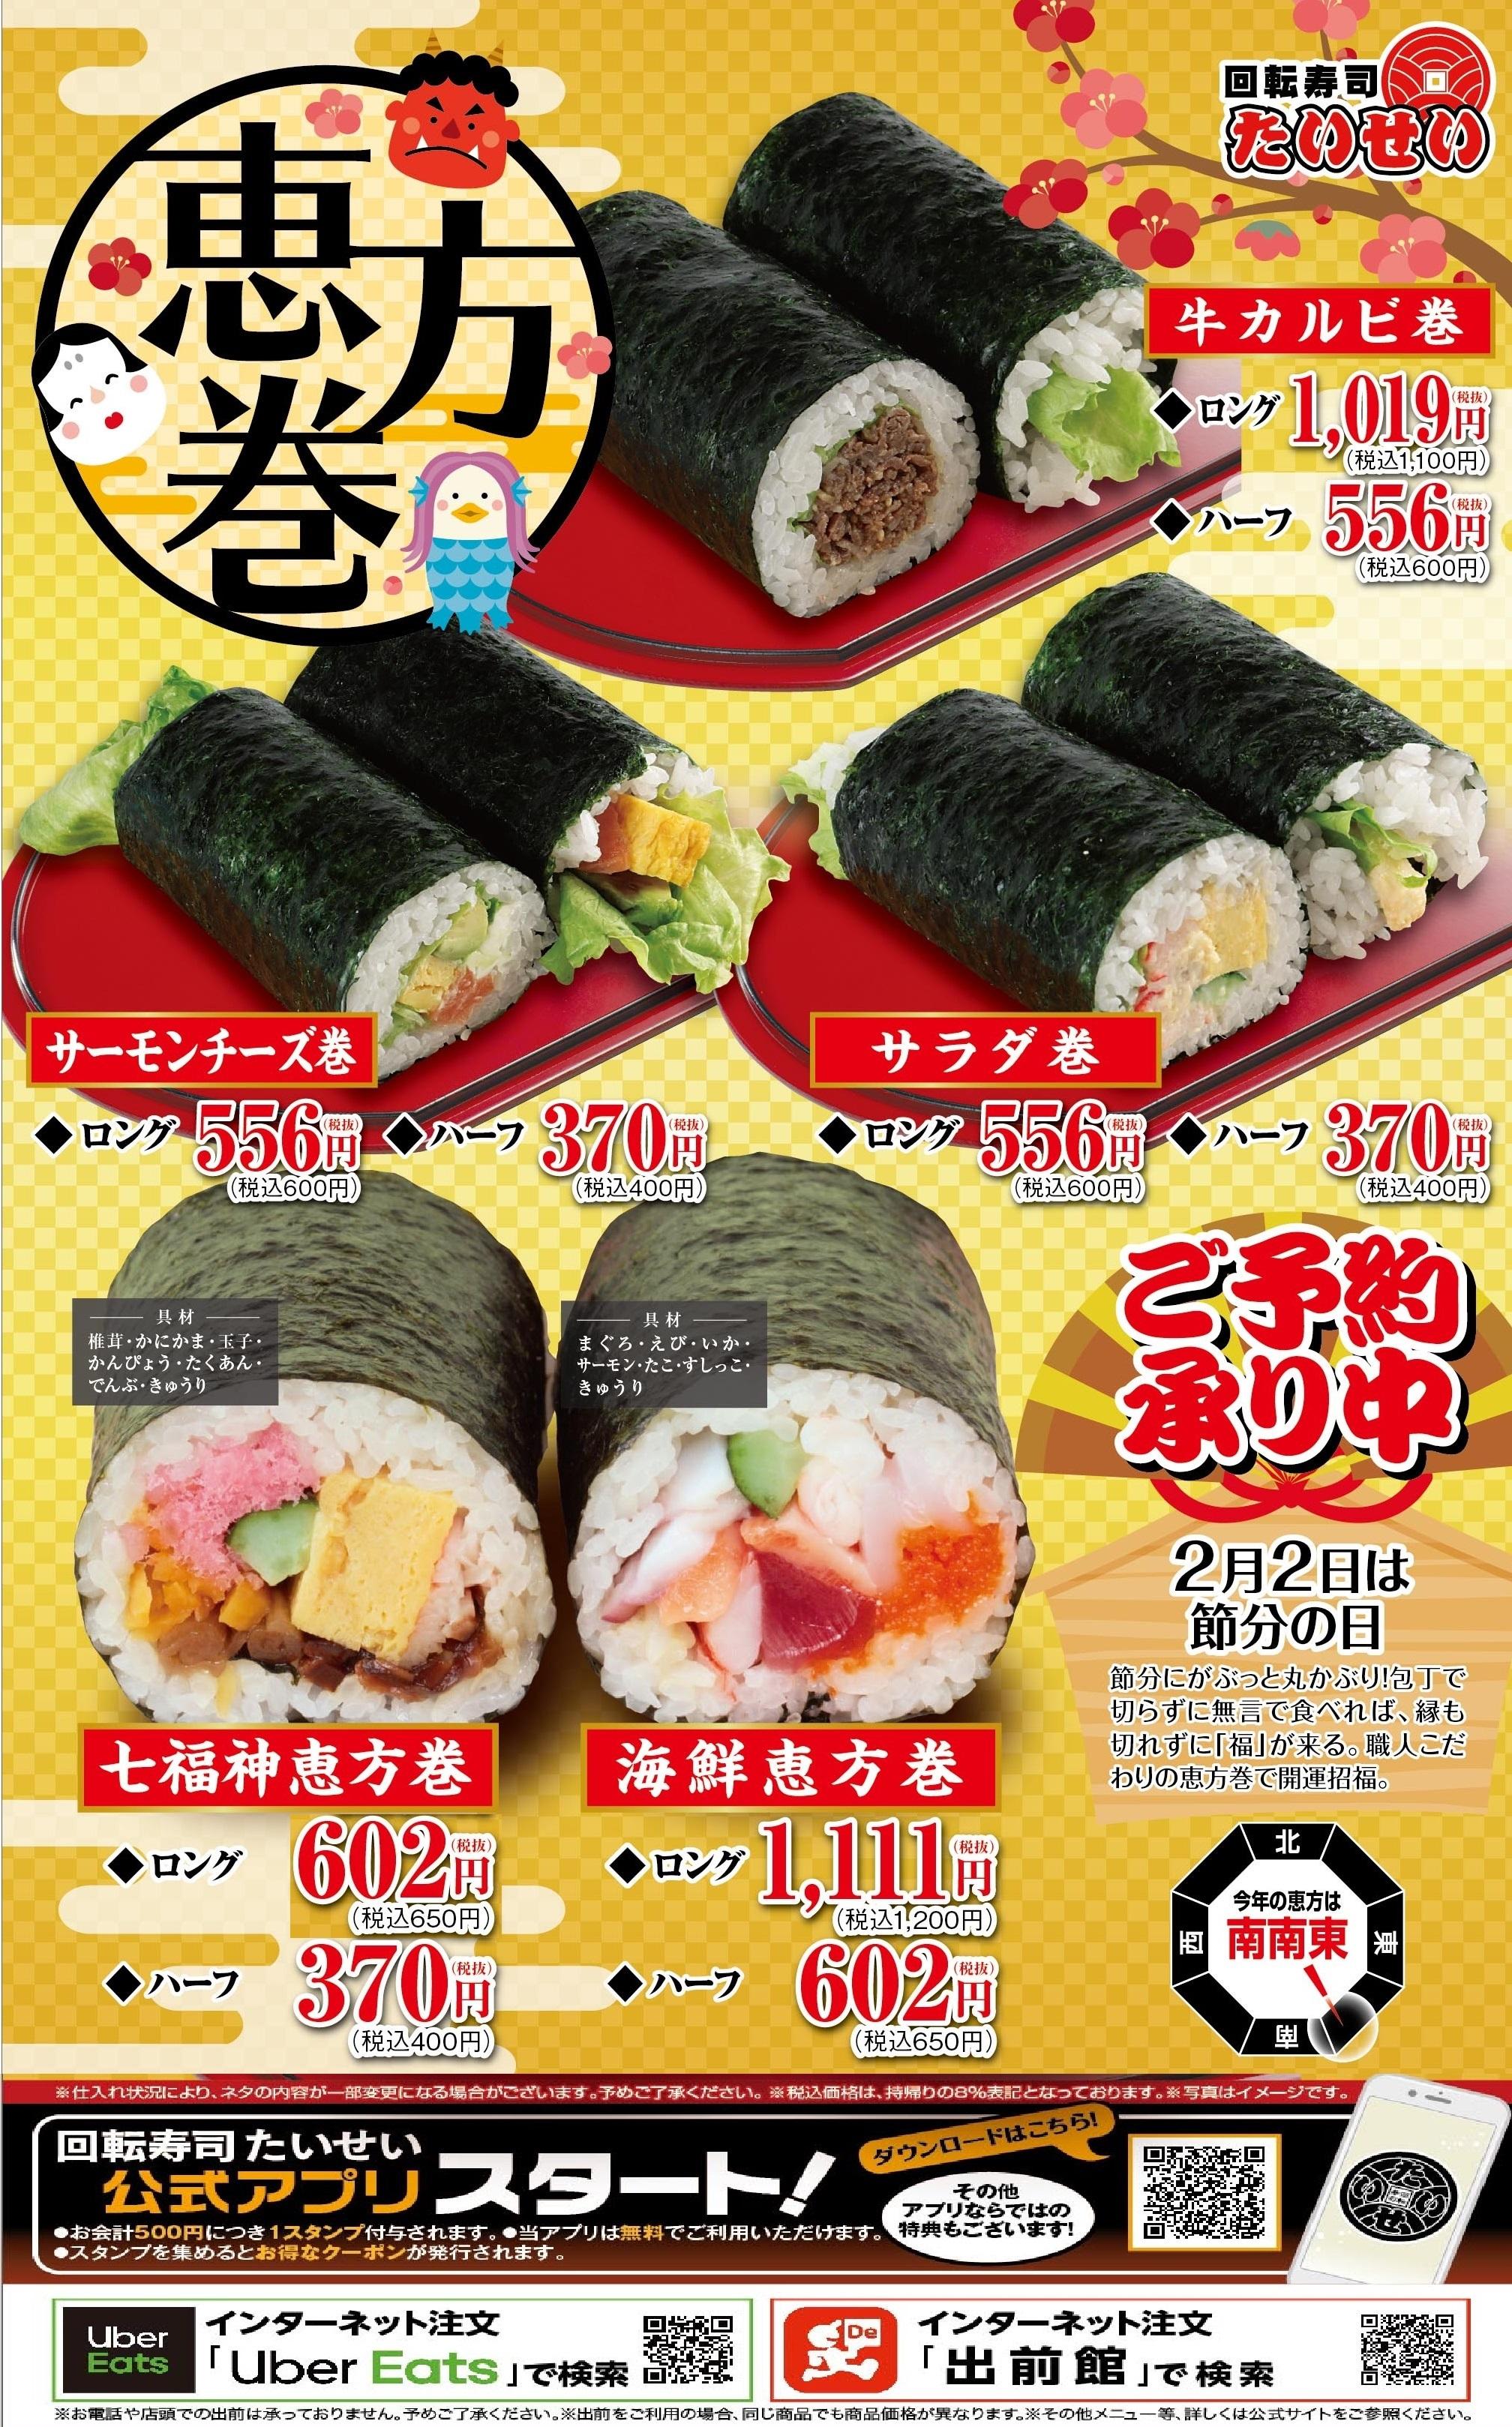 ★寿司屋の絶品恵方巻★